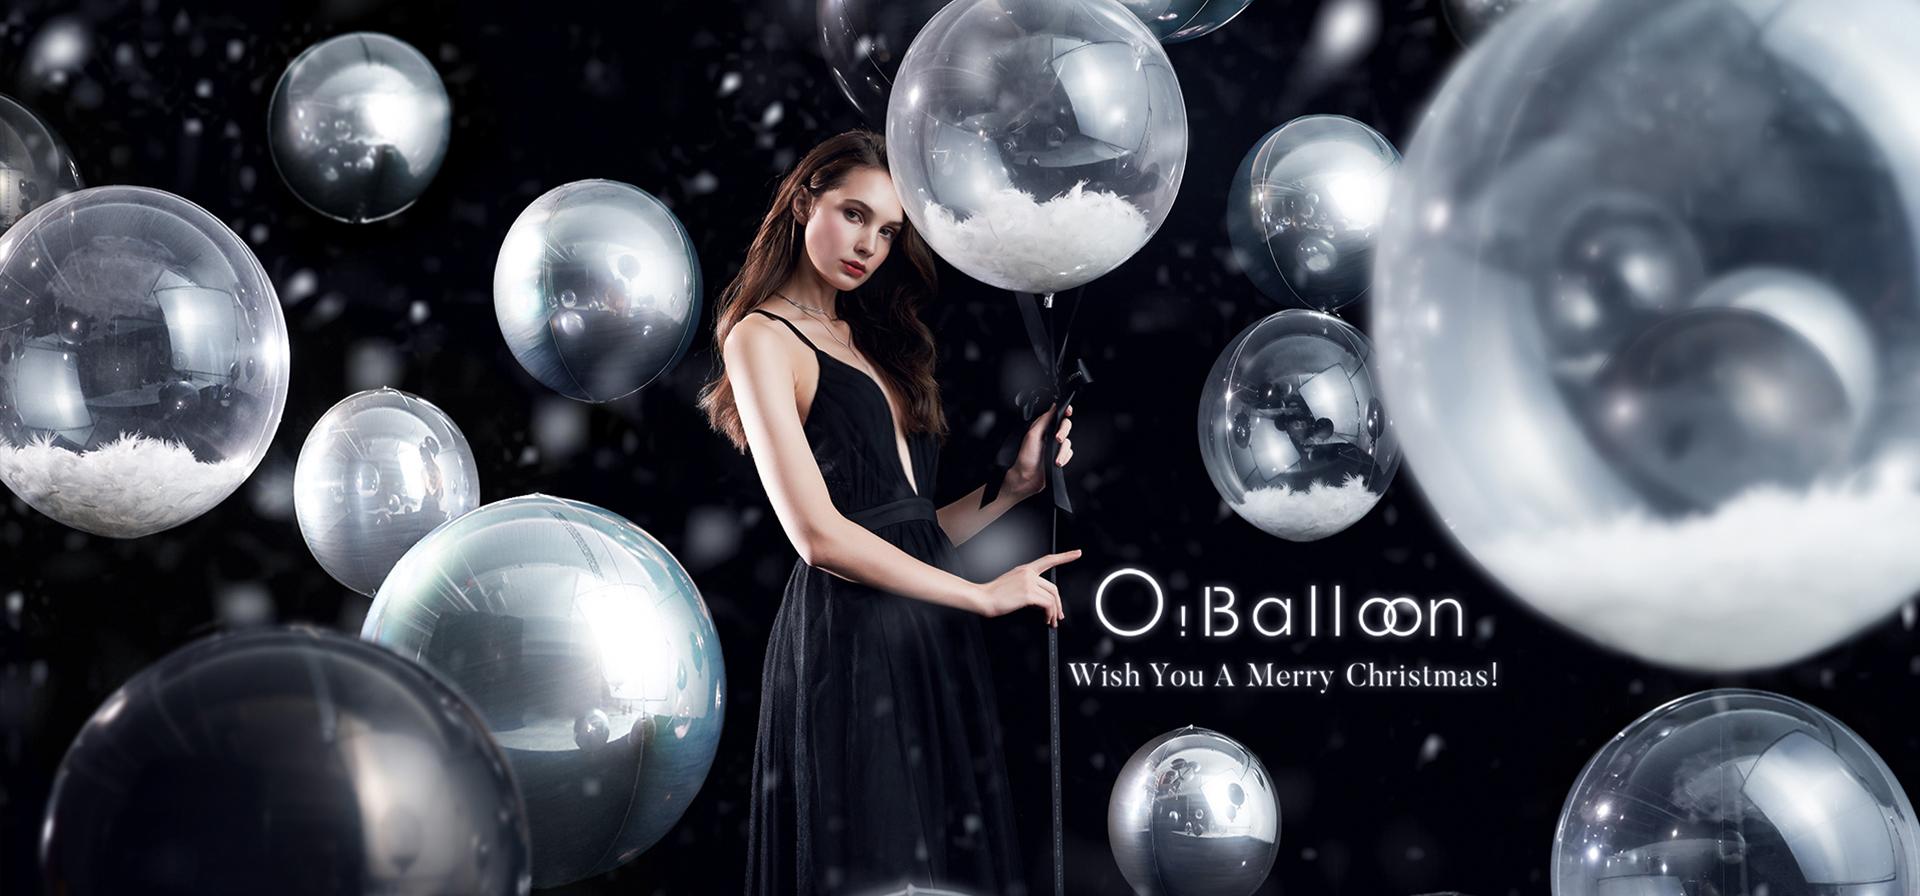 精品,氣球,精品氣球,驚喜,禮物,派對,生日,情人,飄浮,藝術,佈置,派對佈置,生日佈置,時尚,歡樂,balloon,balloons,party,birthday,gift,decoration,聖誕節,聖誕,merrychristmas,xmas